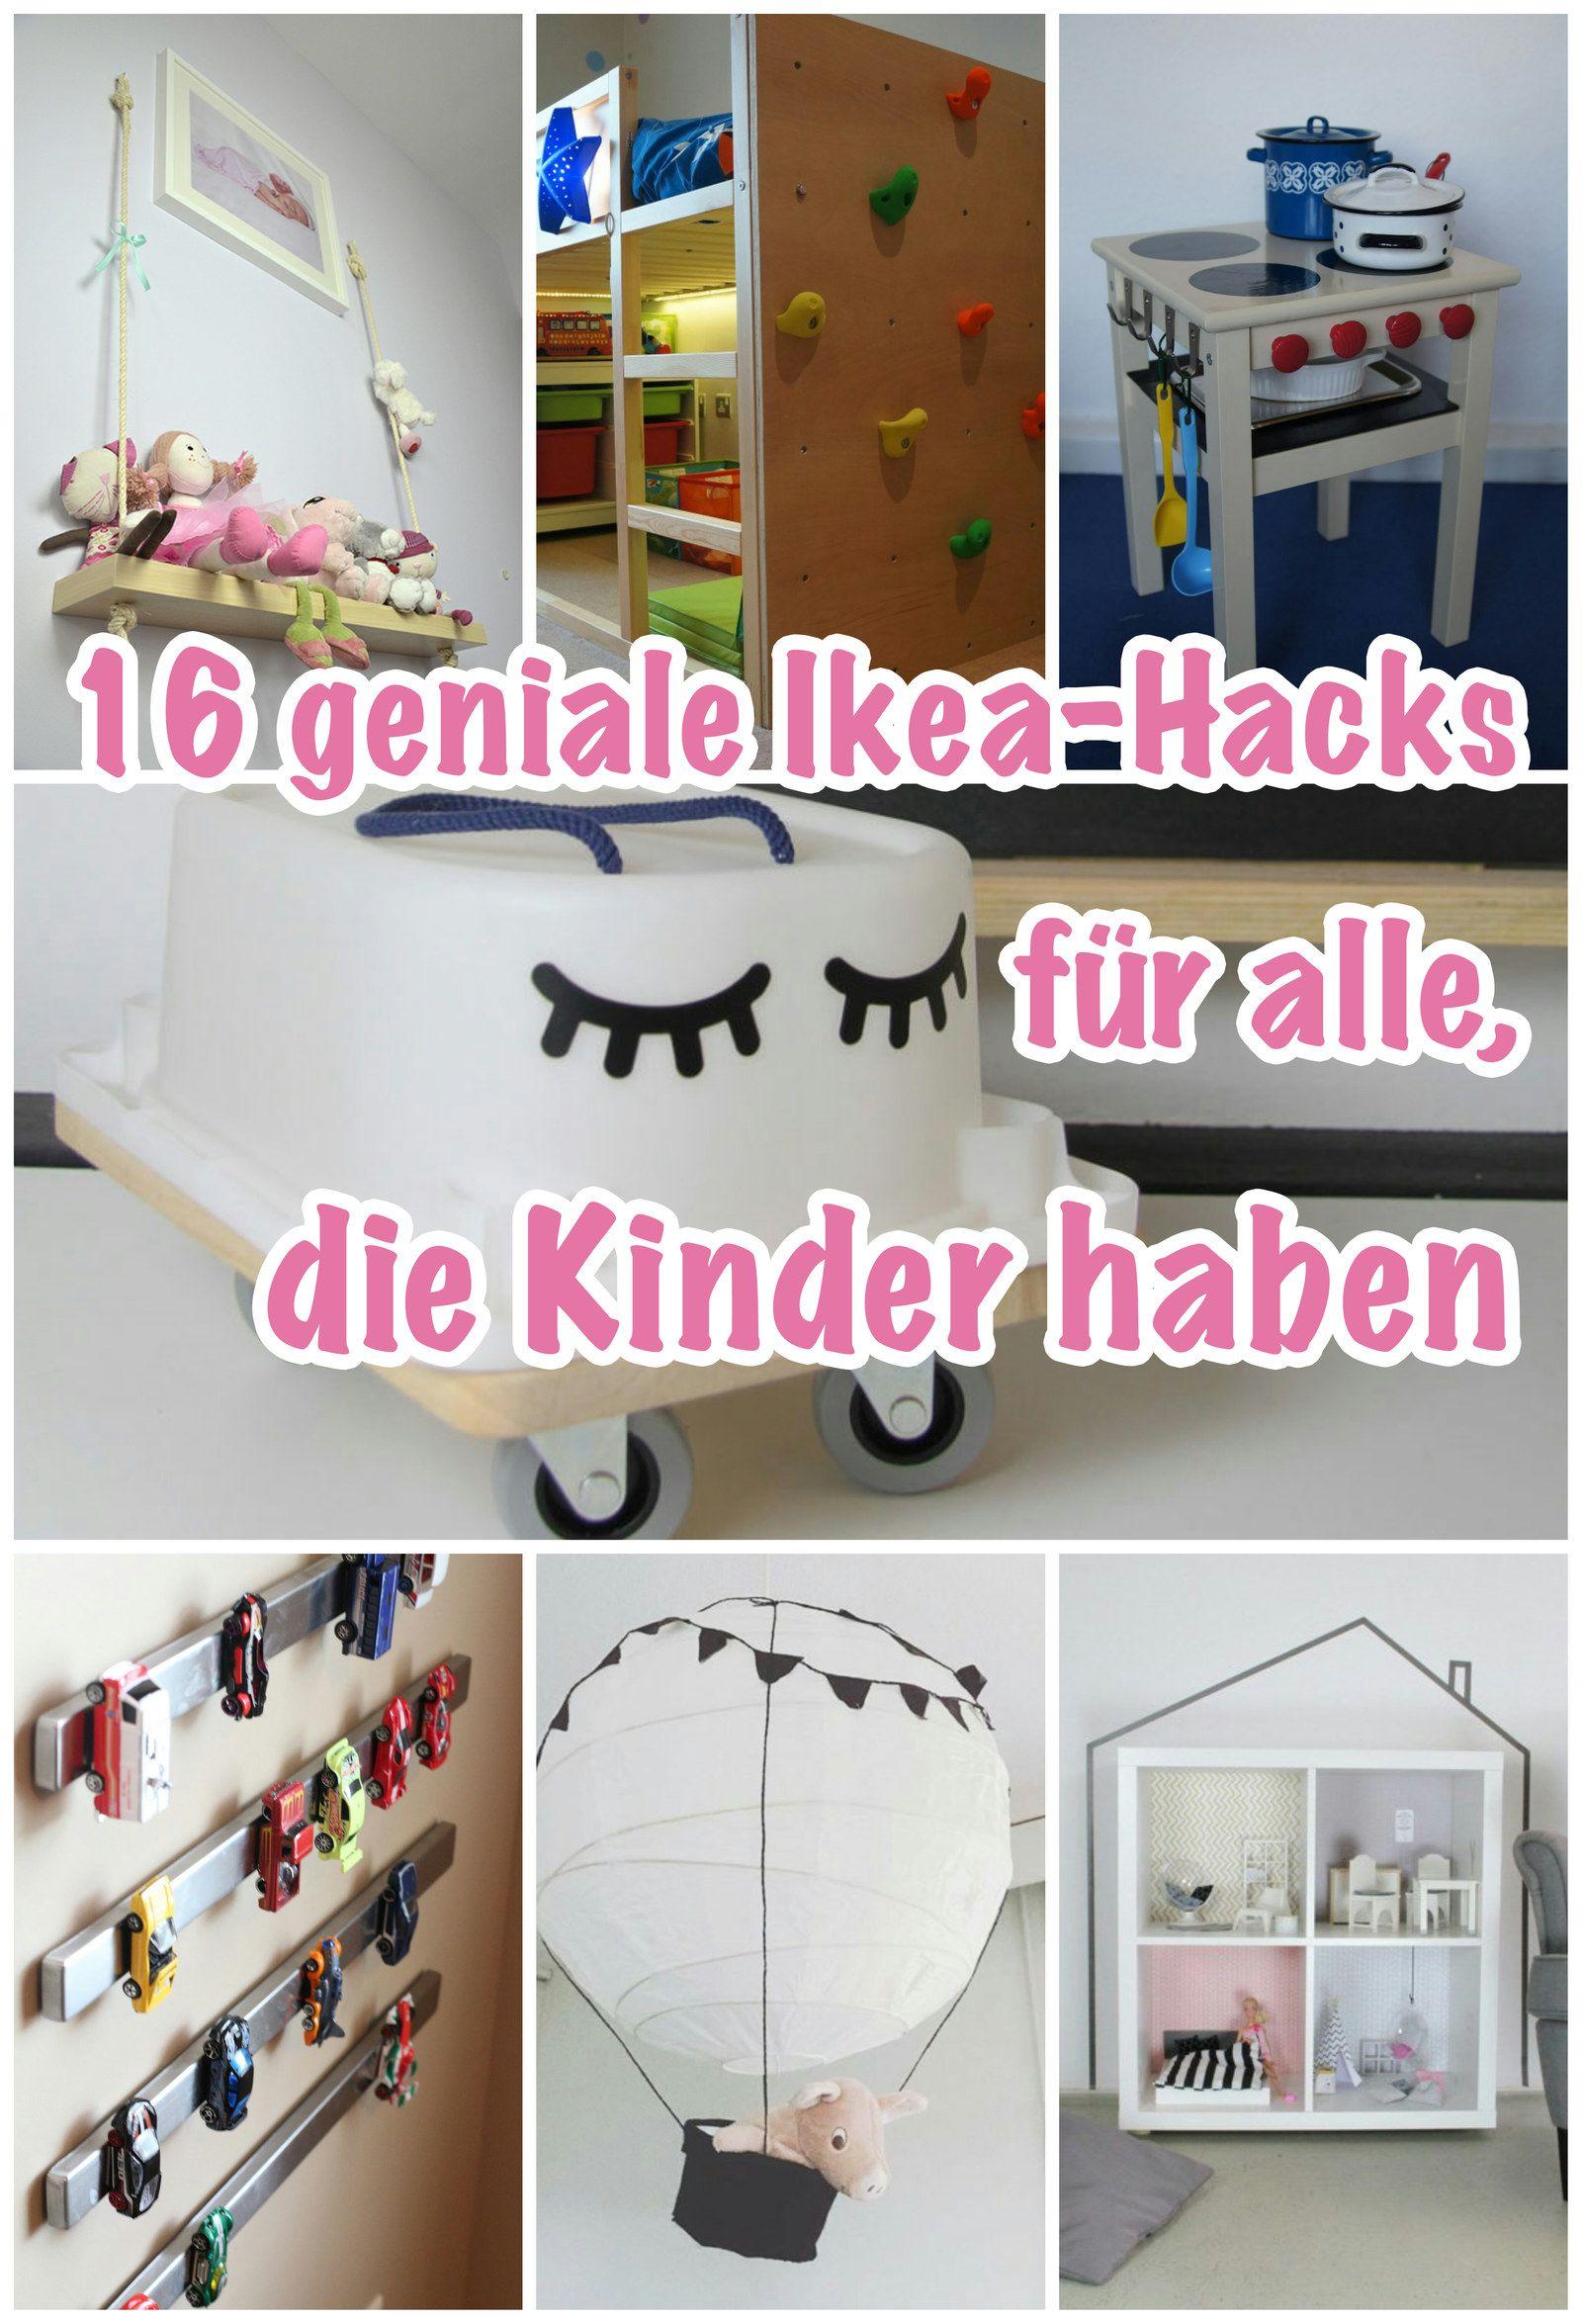 16 geniale Ikea-Hacks, die jedes Kinderzimmer schöner und ...